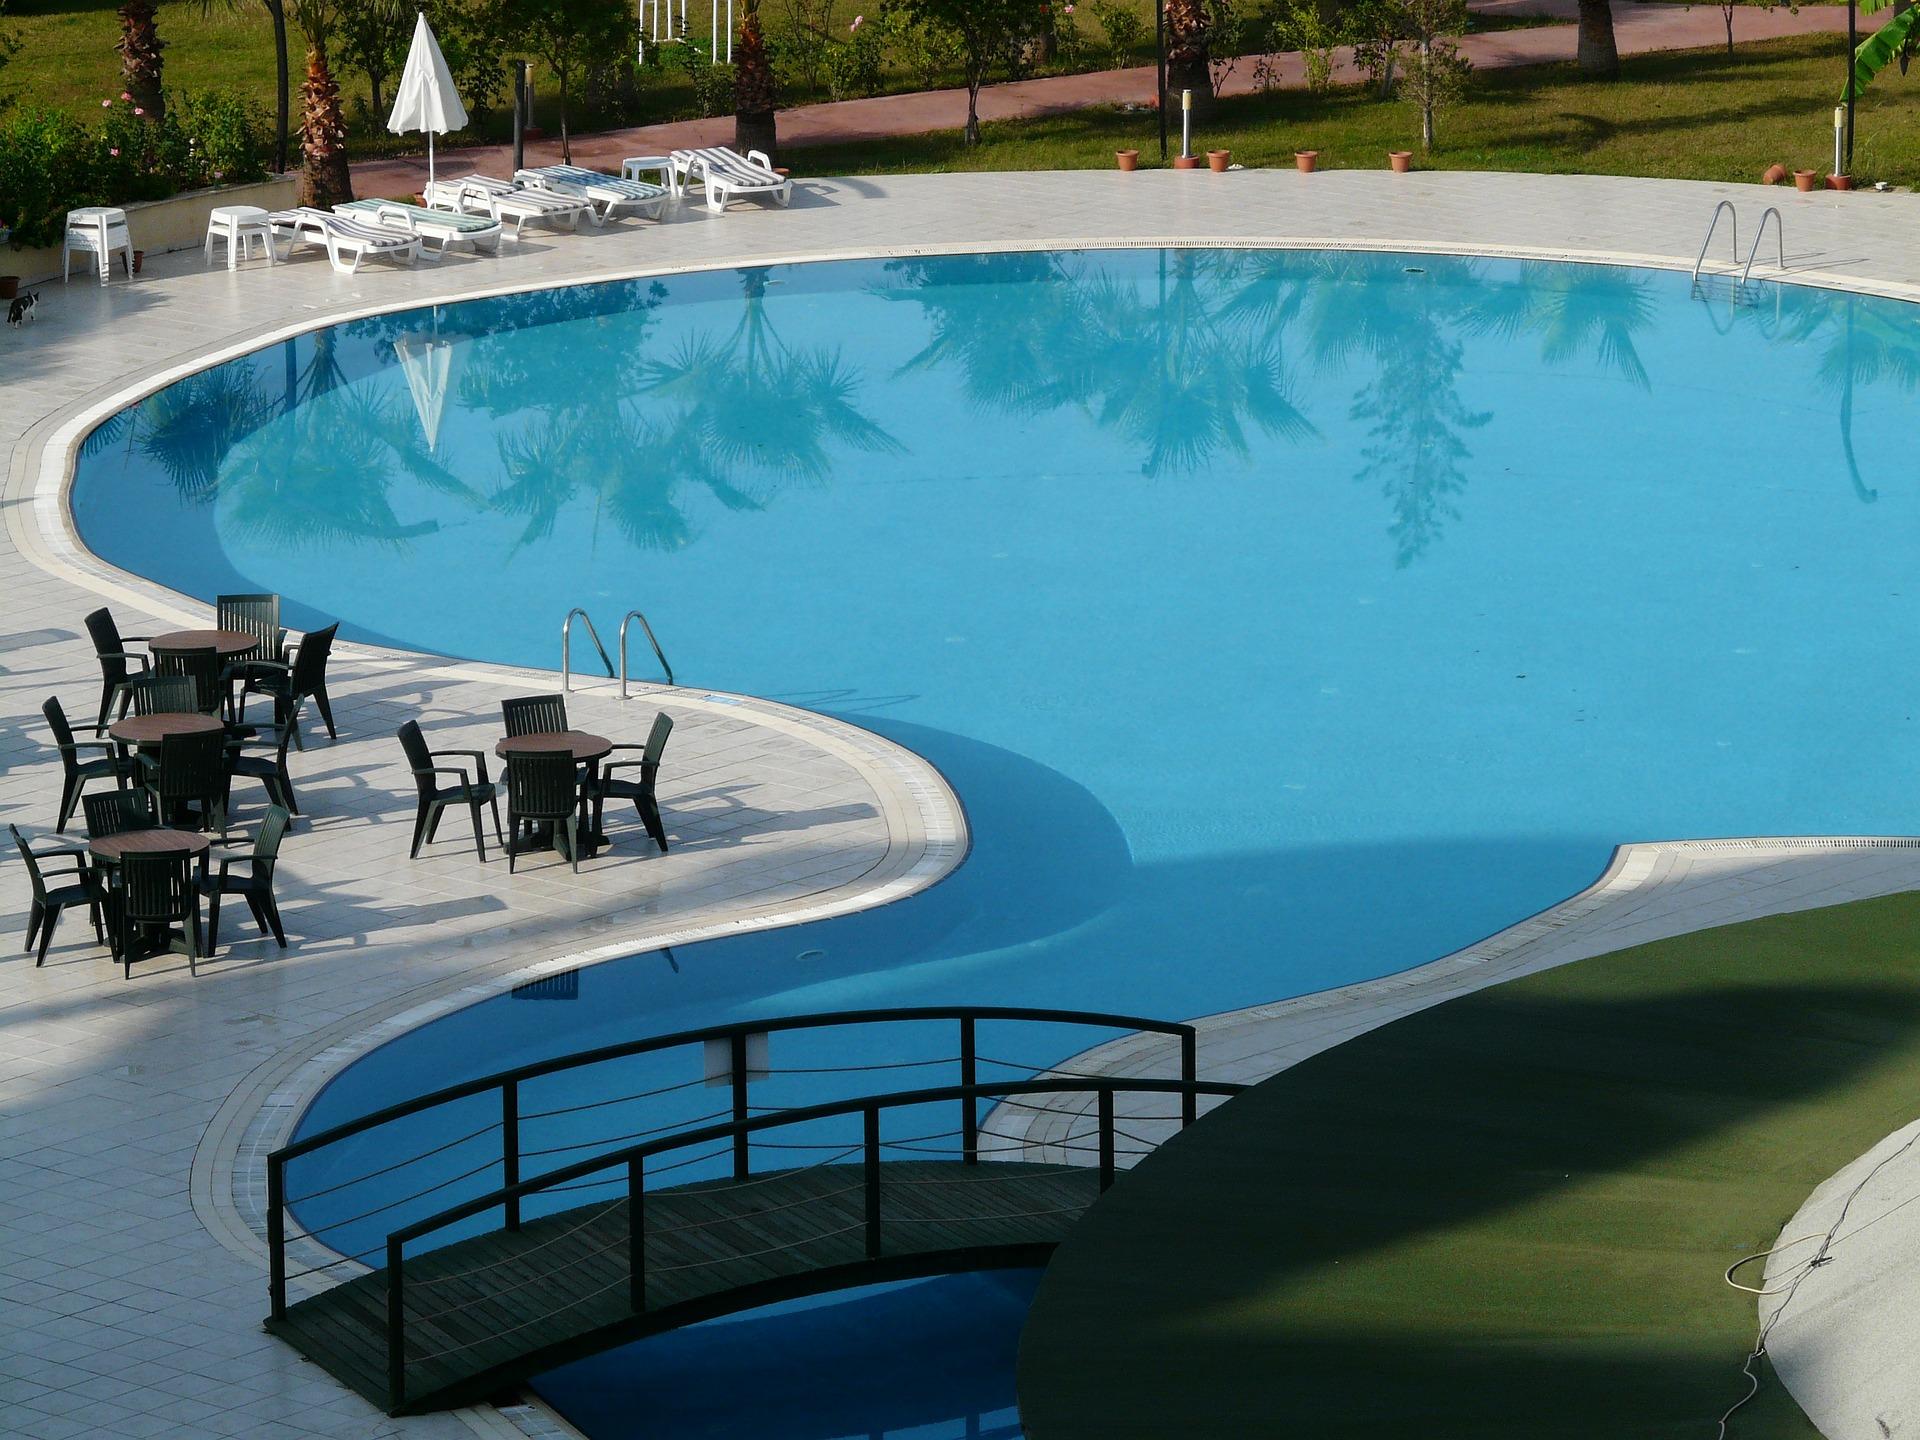 Echipamente necesare pentru o piscina